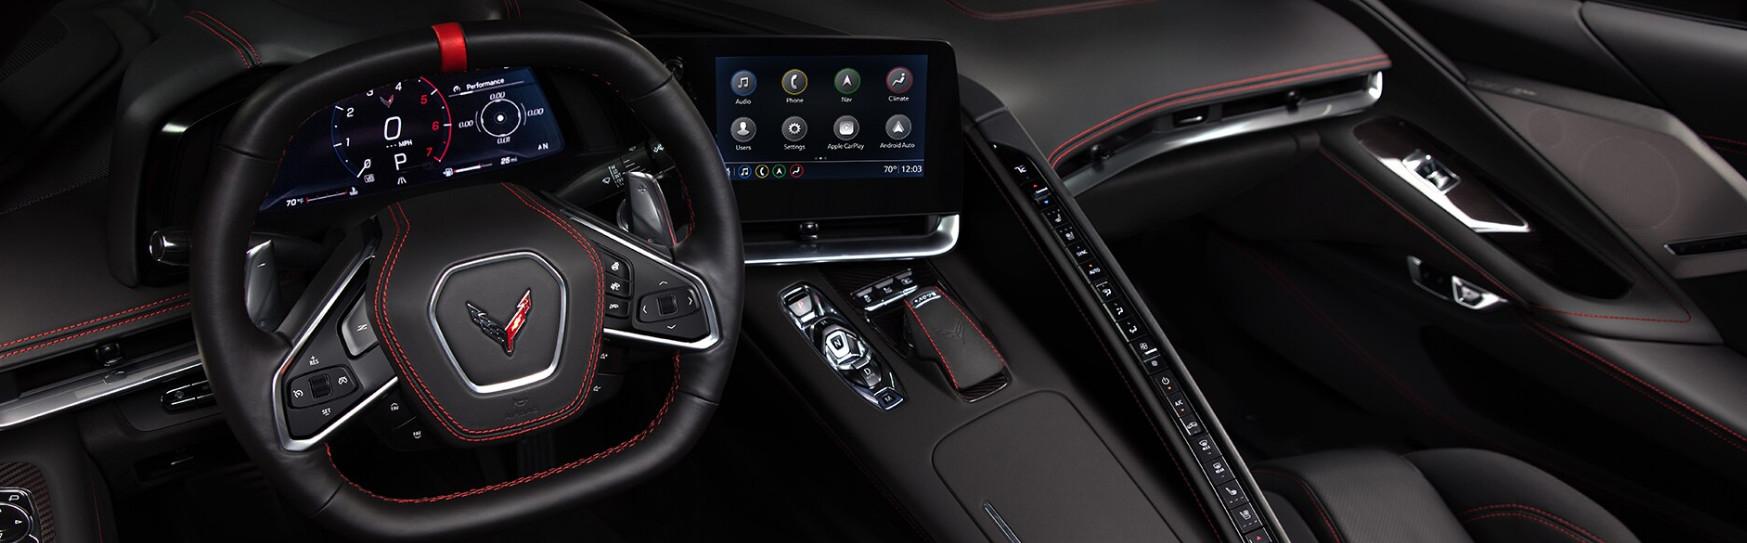 2020 Corvette Technology